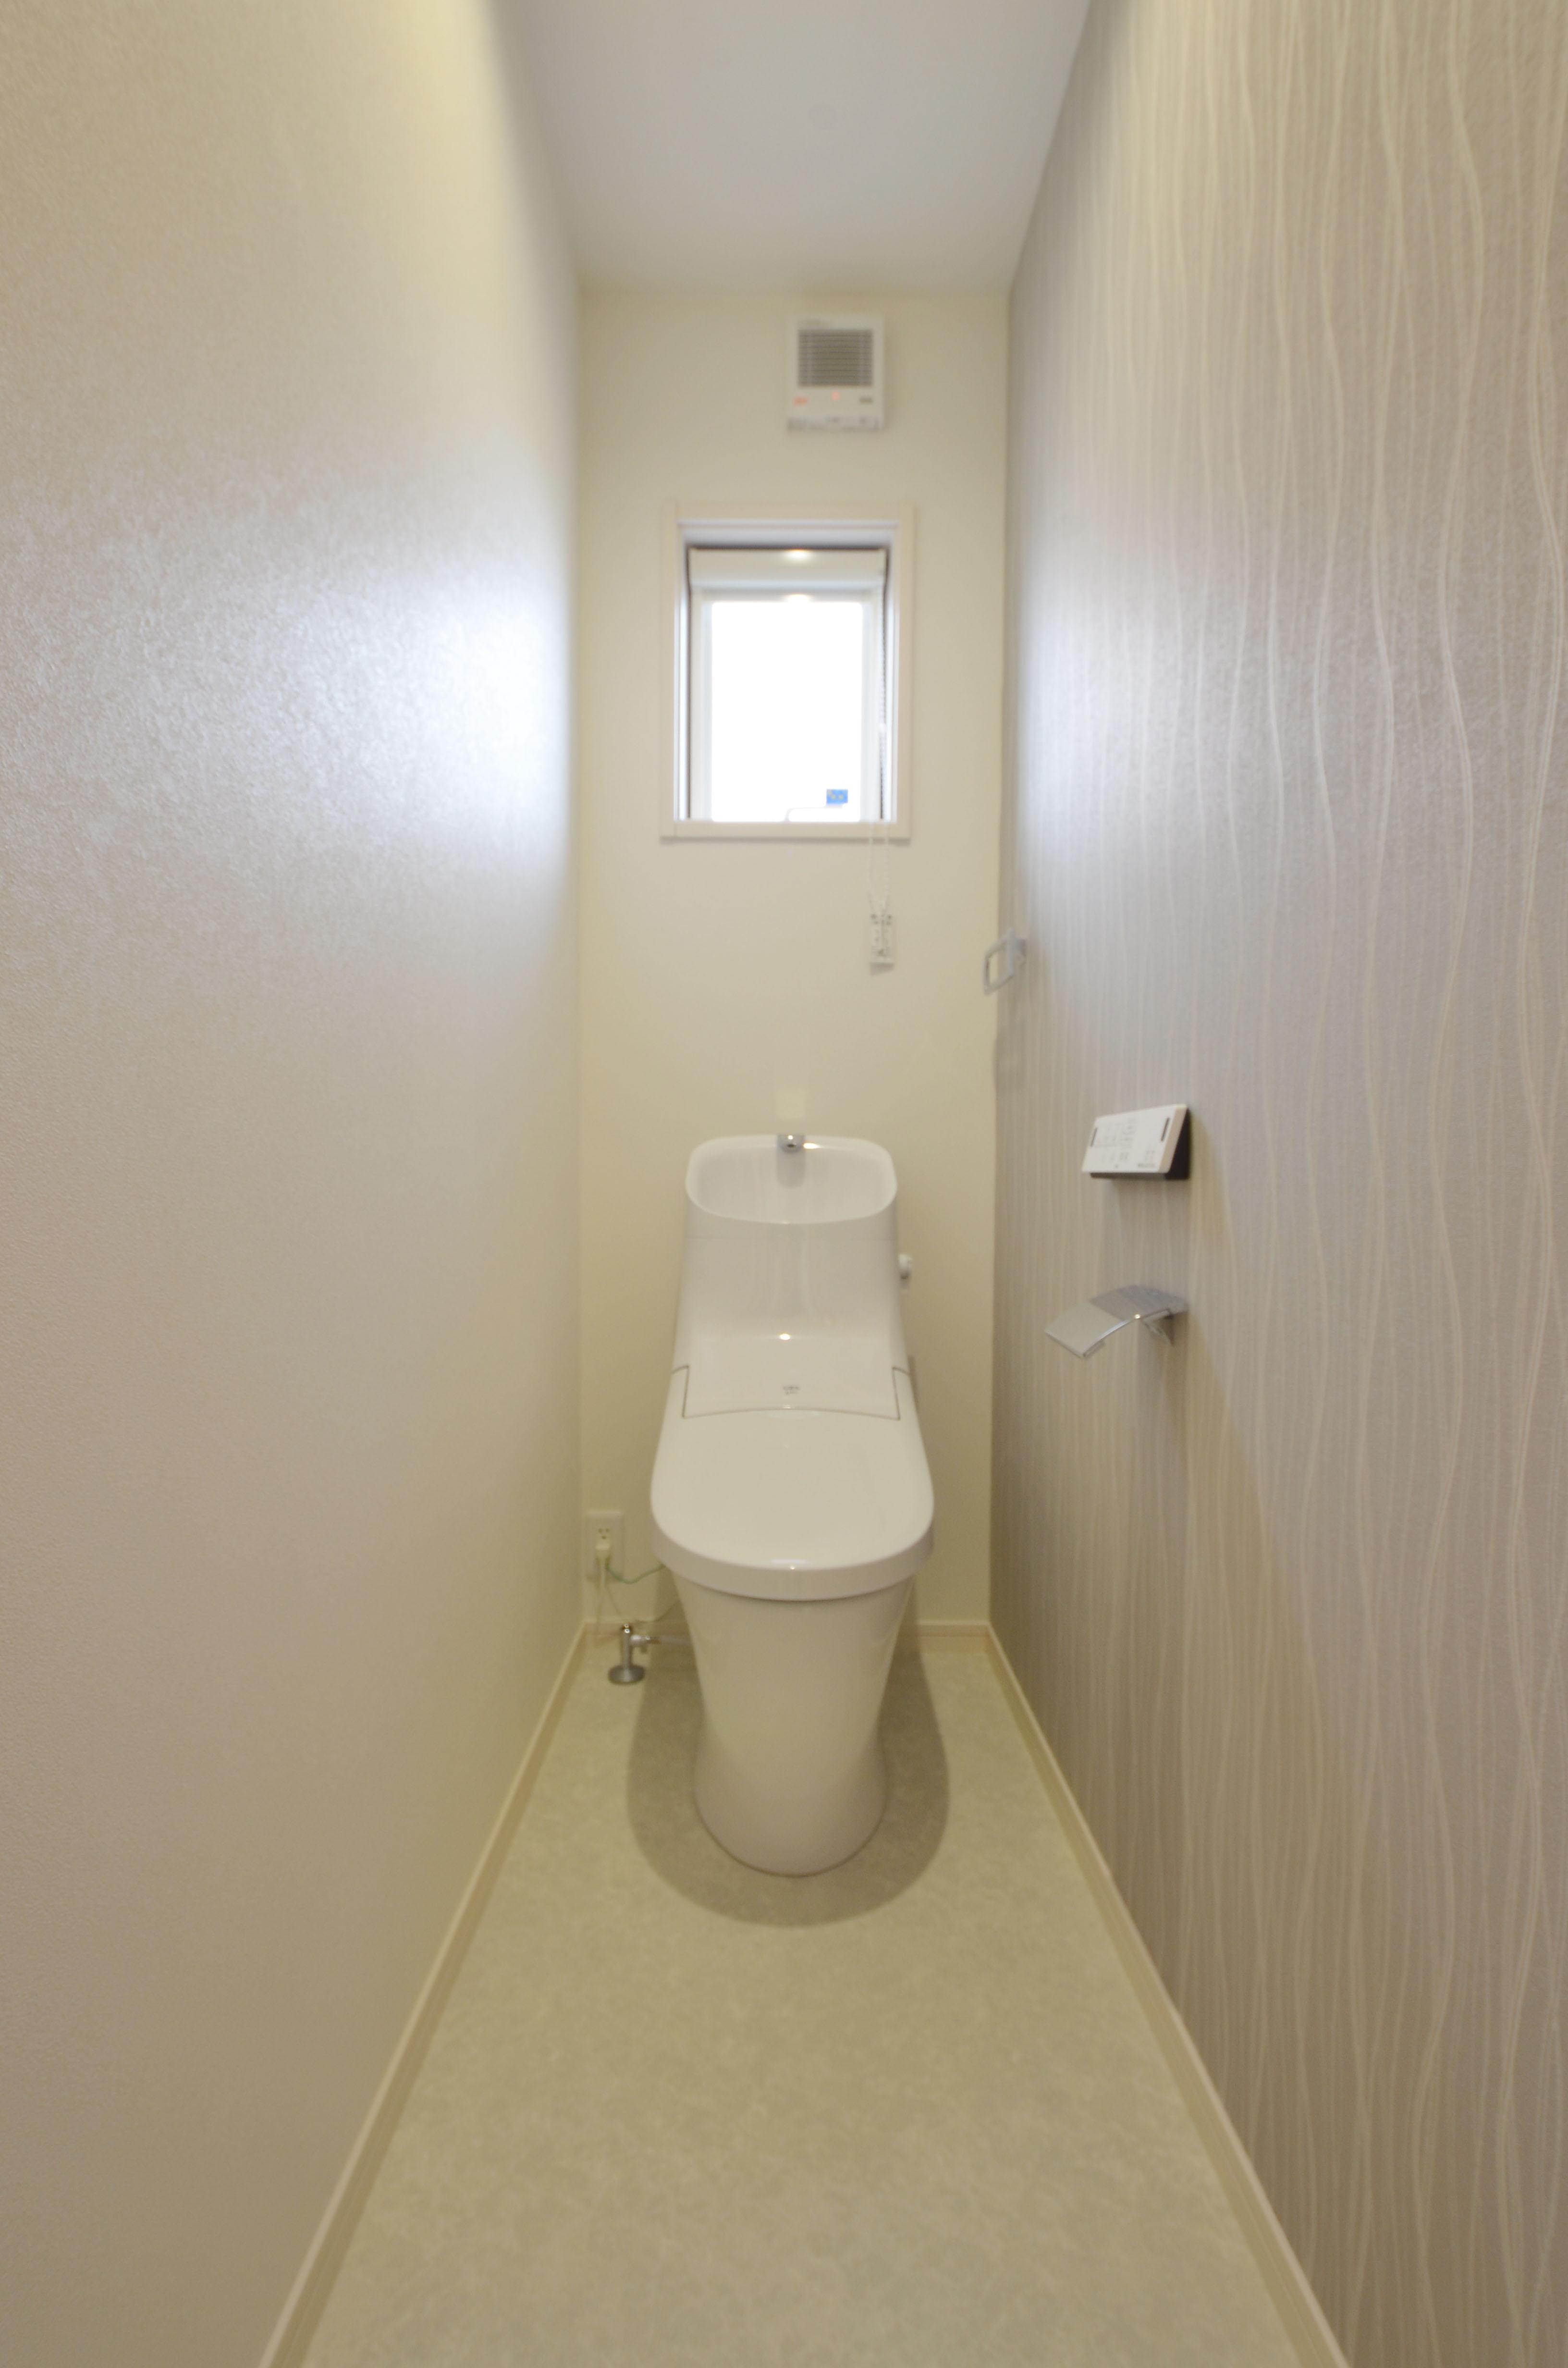 明るく清潔感のあるトイレに改装